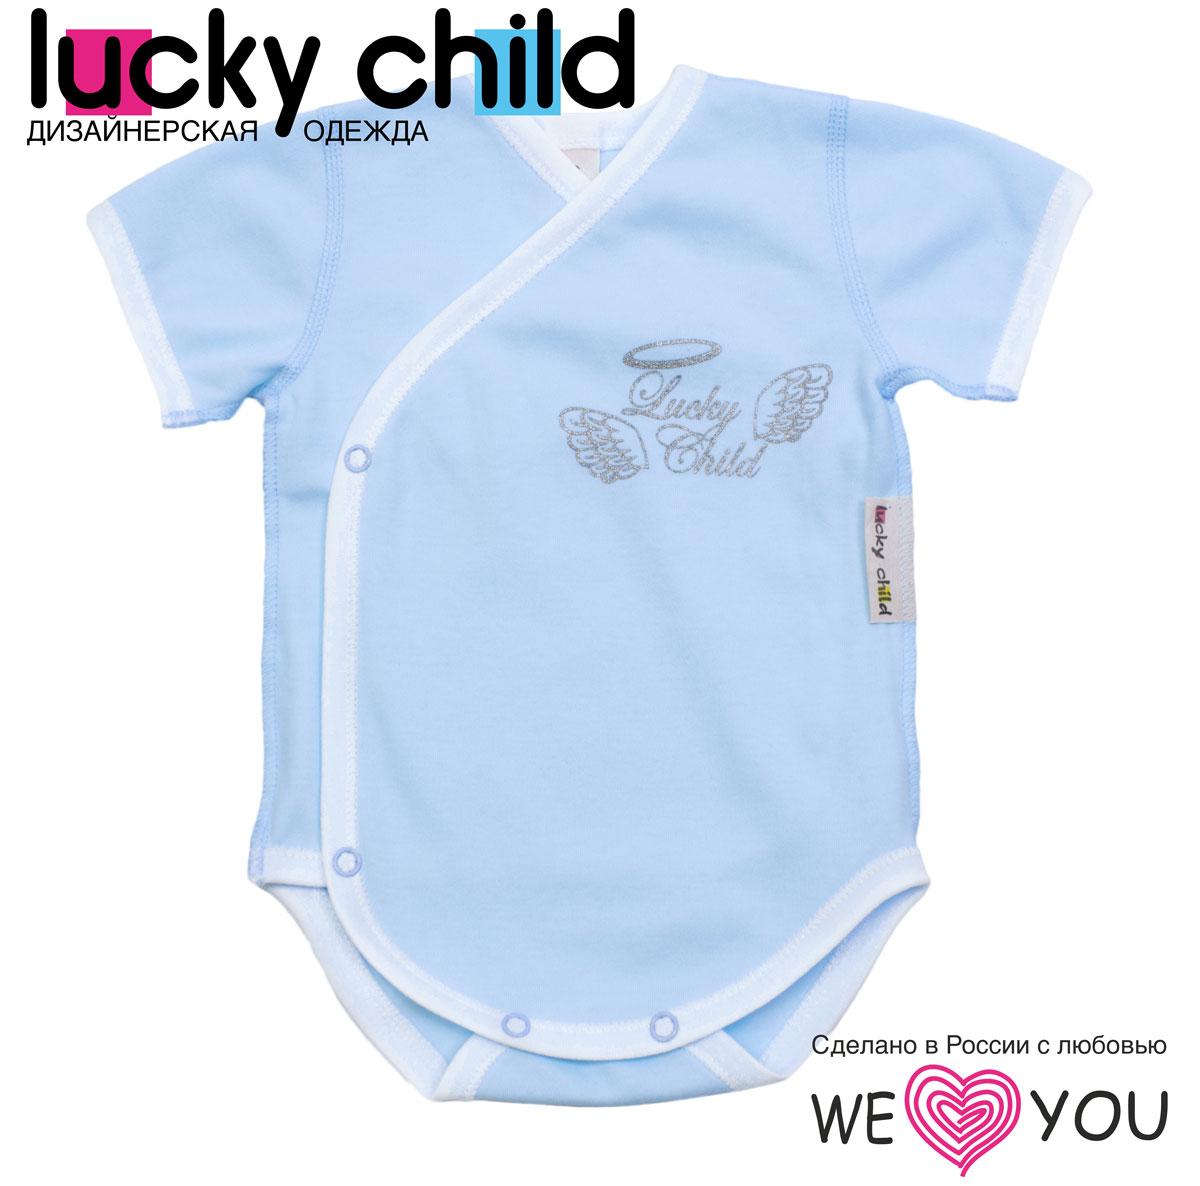 Боди-футболка детское Lucky Child Ангелы, цвет: голубой. 17-51. Размер 56/6217-51Детское боди-футболка Lucky Child Ангелы с короткими рукавами послужит идеальным дополнением к гардеробу малыша в теплое время года, обеспечивая ему наибольший комфорт. Боди изготовлено из интерлока - натурального хлопка, благодаря чему оно необычайно мягкое и легкое, не раздражает нежную кожу ребенка и хорошо вентилируется, а эластичные швы приятны телу малыша и не препятствуют его движениям. Удобные застежки-кнопки по принципу «кимоно» и на ластовице помогают легко переодеть младенца и сменить подгузник. Боди на груди оформлено надписью в виде логотипа бренда и изображением крылышек, а на спинке дополнено текстильными крылышками, вышитыми металлизированной нитью.Боди полностью соответствует особенностям жизни малыша в ранний период, не стесняя и не ограничивая его в движениях. В нем ваш ребенок всегда будет в центре внимания.